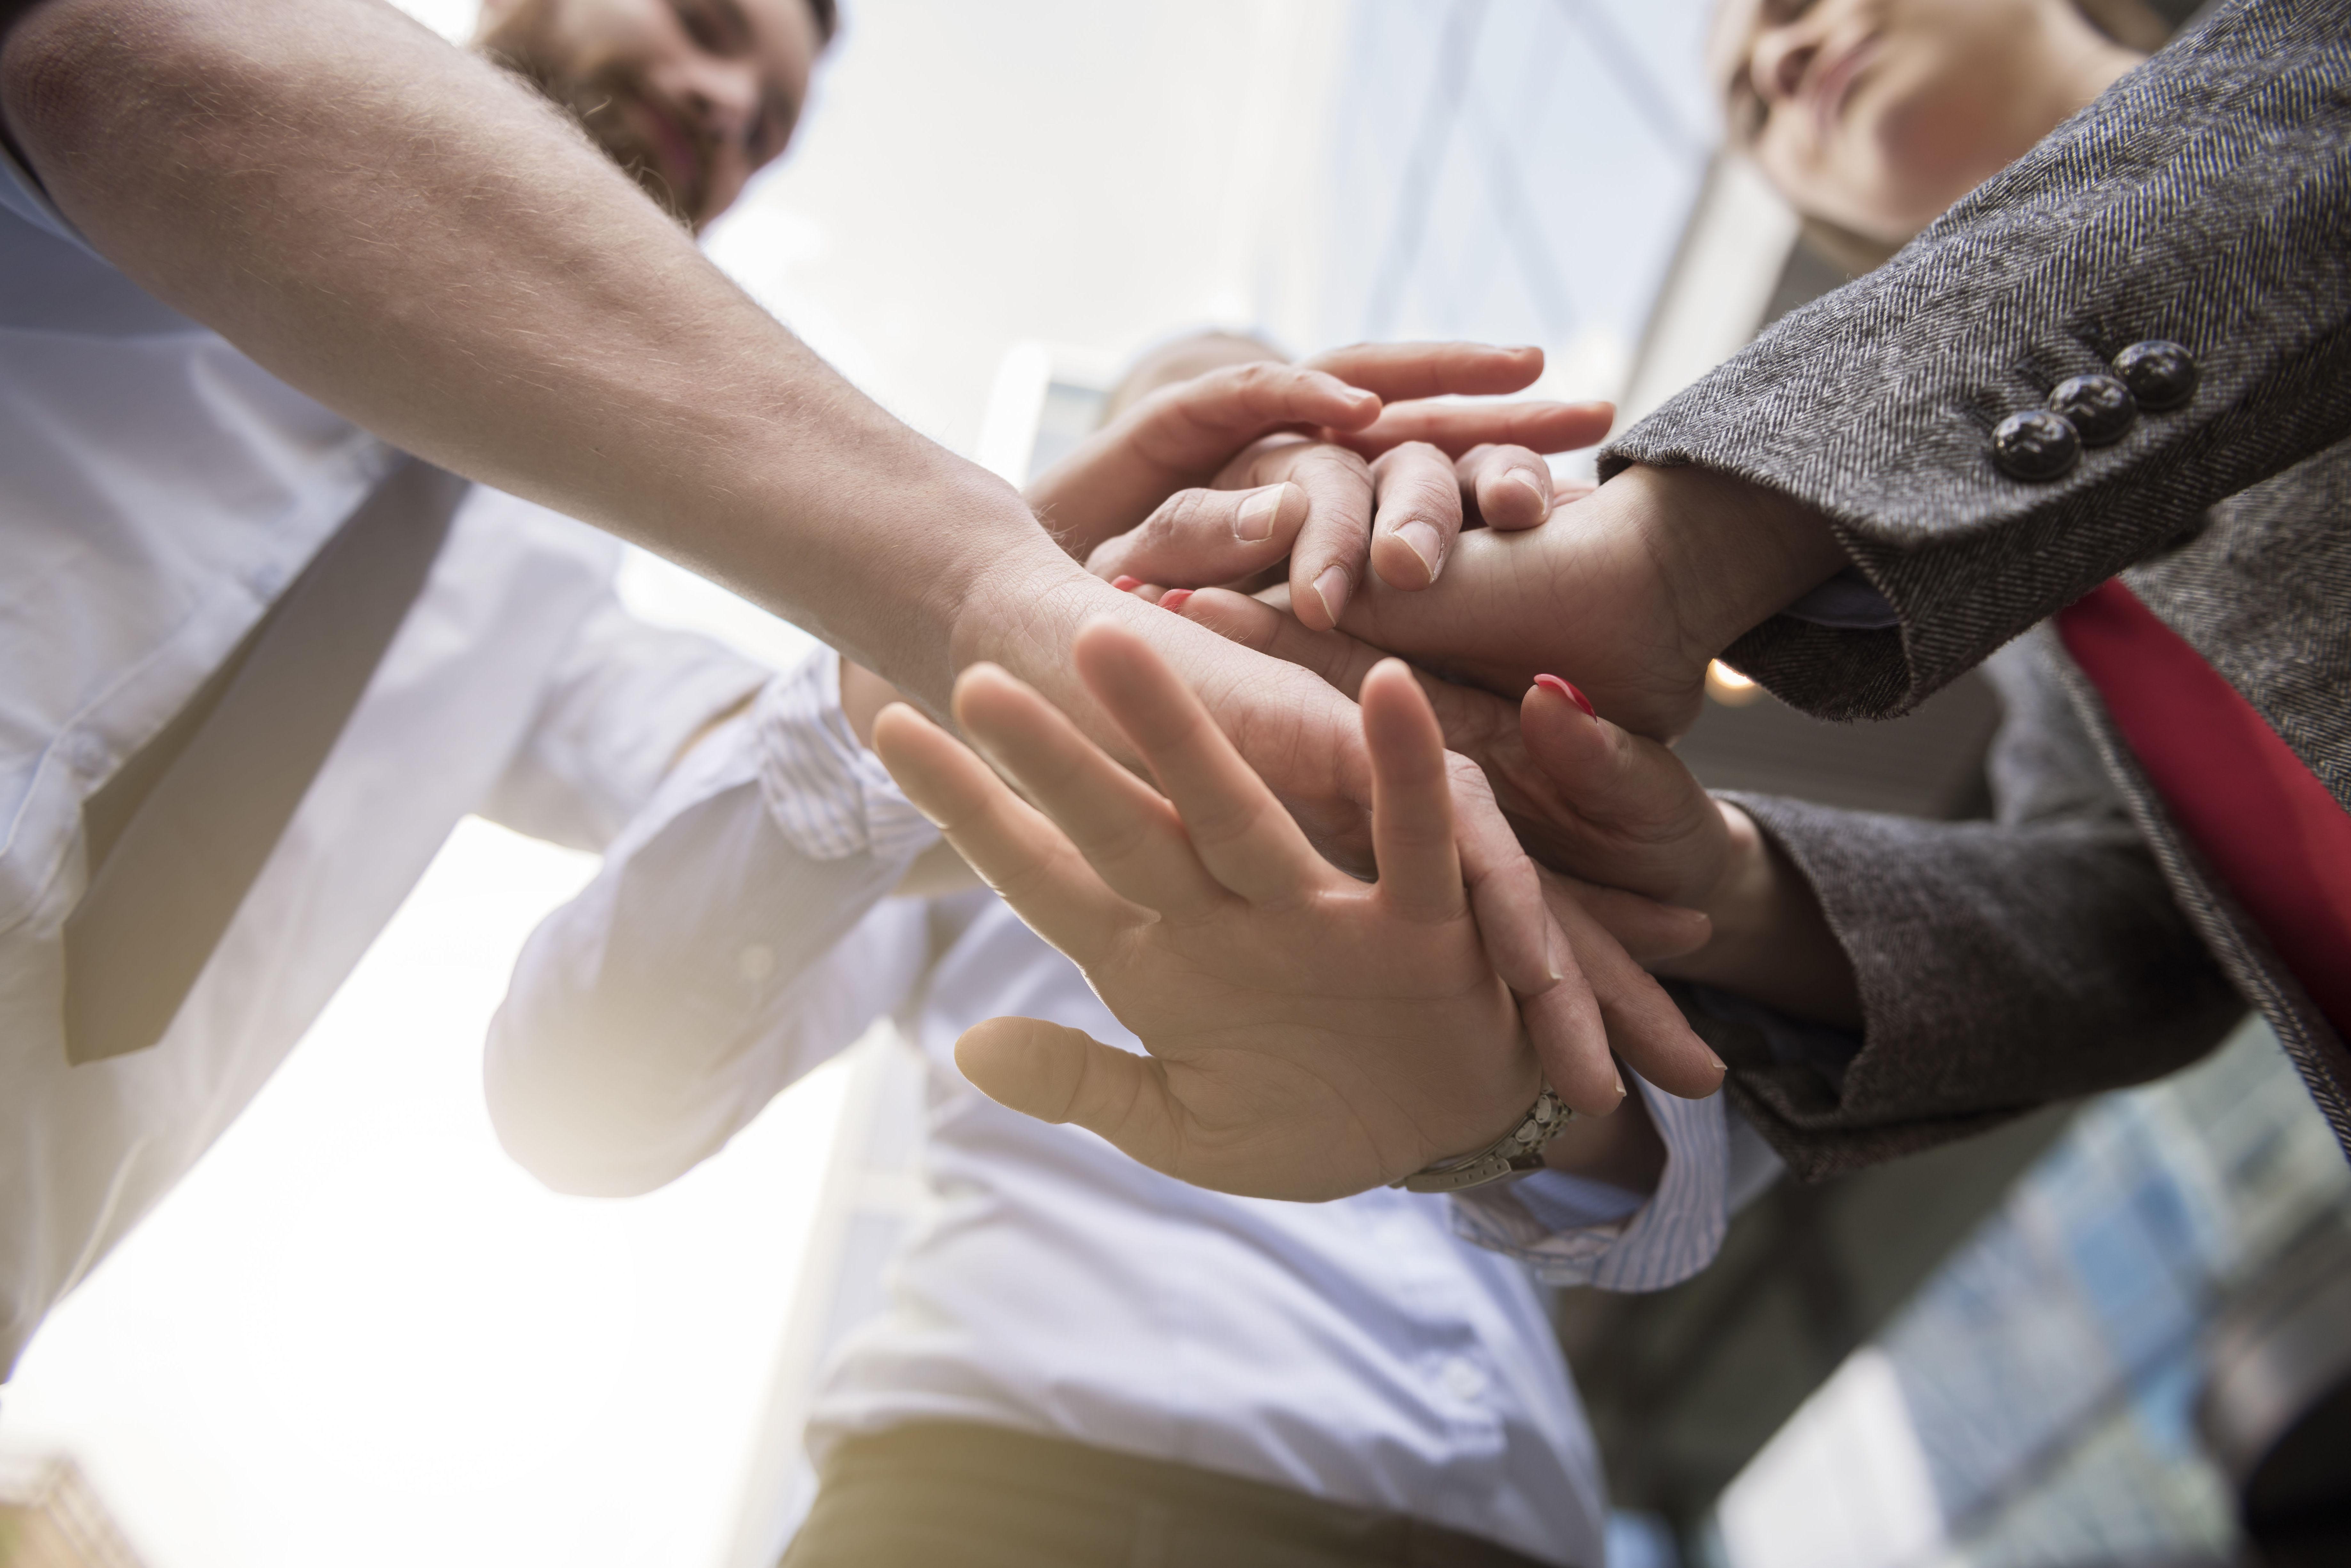 Centro de ayuda gratuita al toxicómano: Productos y servicios de Asociación Reto a la Esperanza